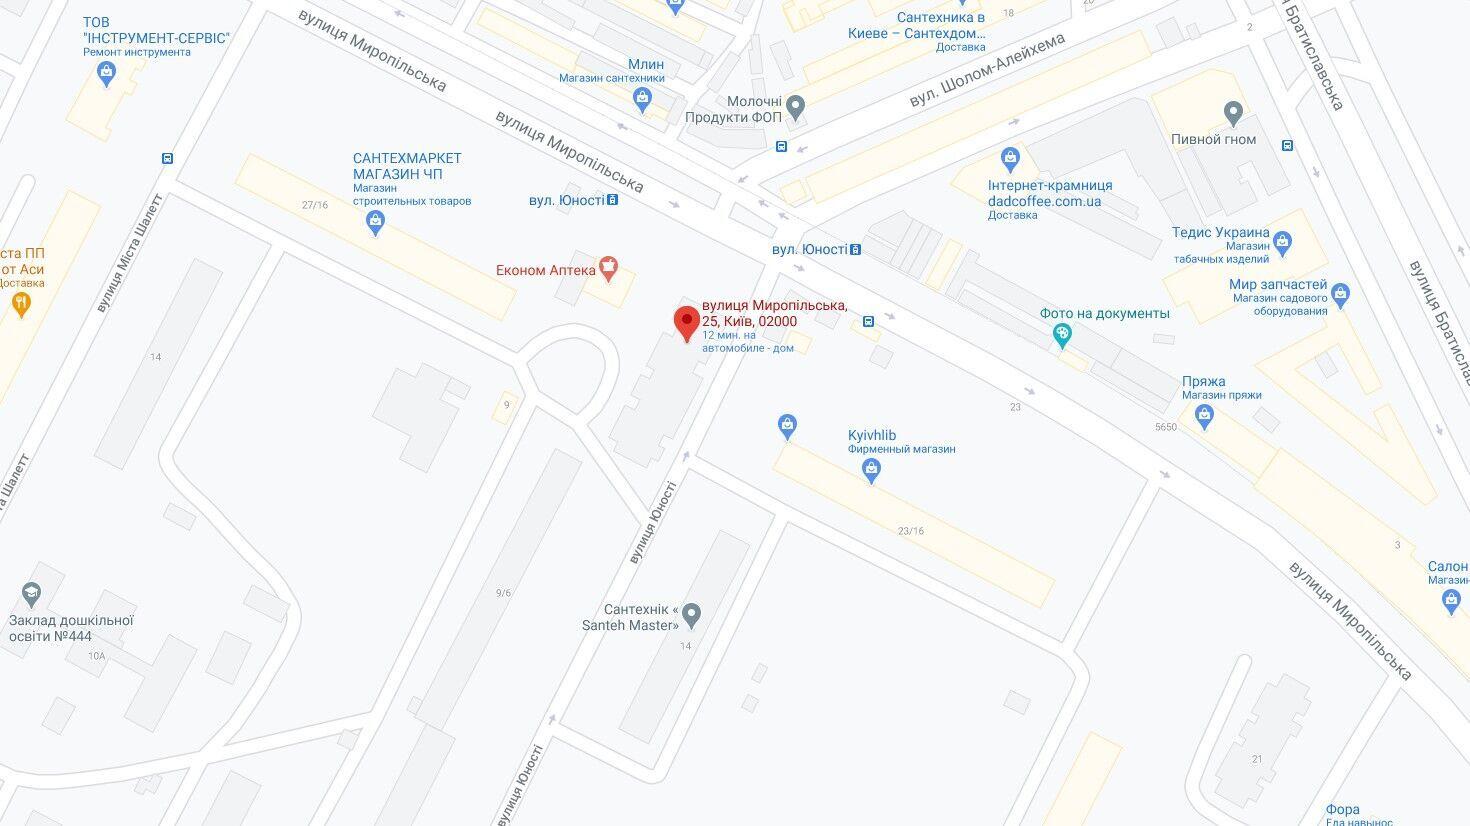 Пожар произошел в Днепровском районе .